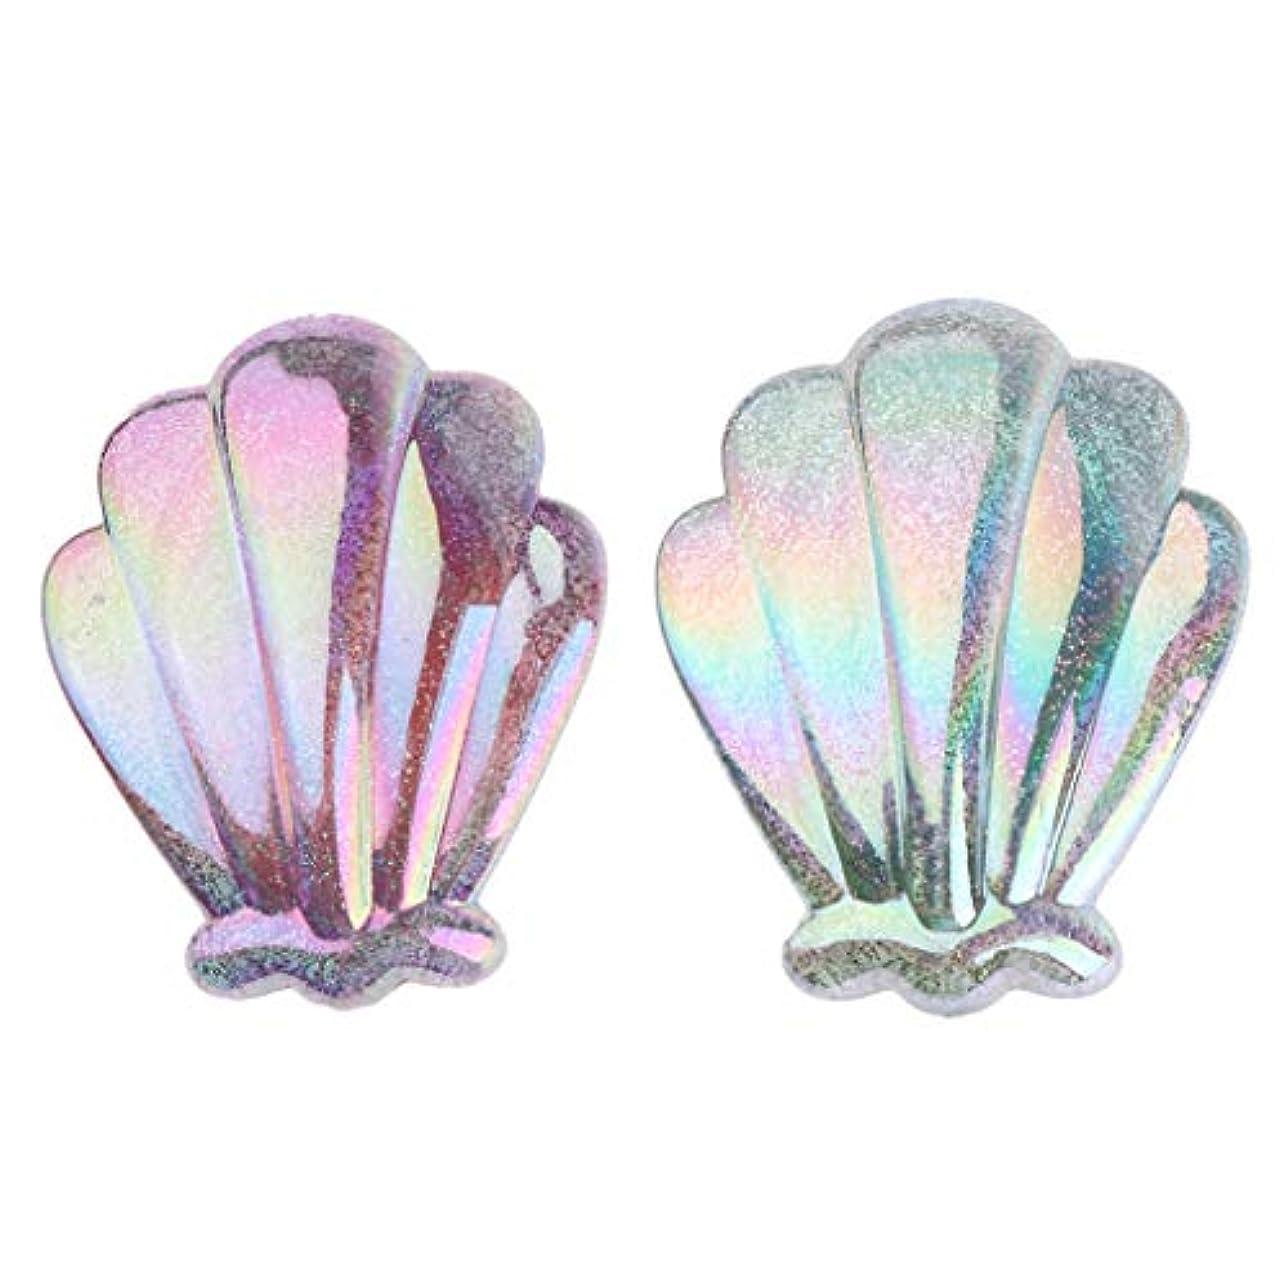 マキシム手綱該当するB Blesiya ヘアコーム プラスチック製 櫛 女性用 ヘアブラシ コーム 櫛